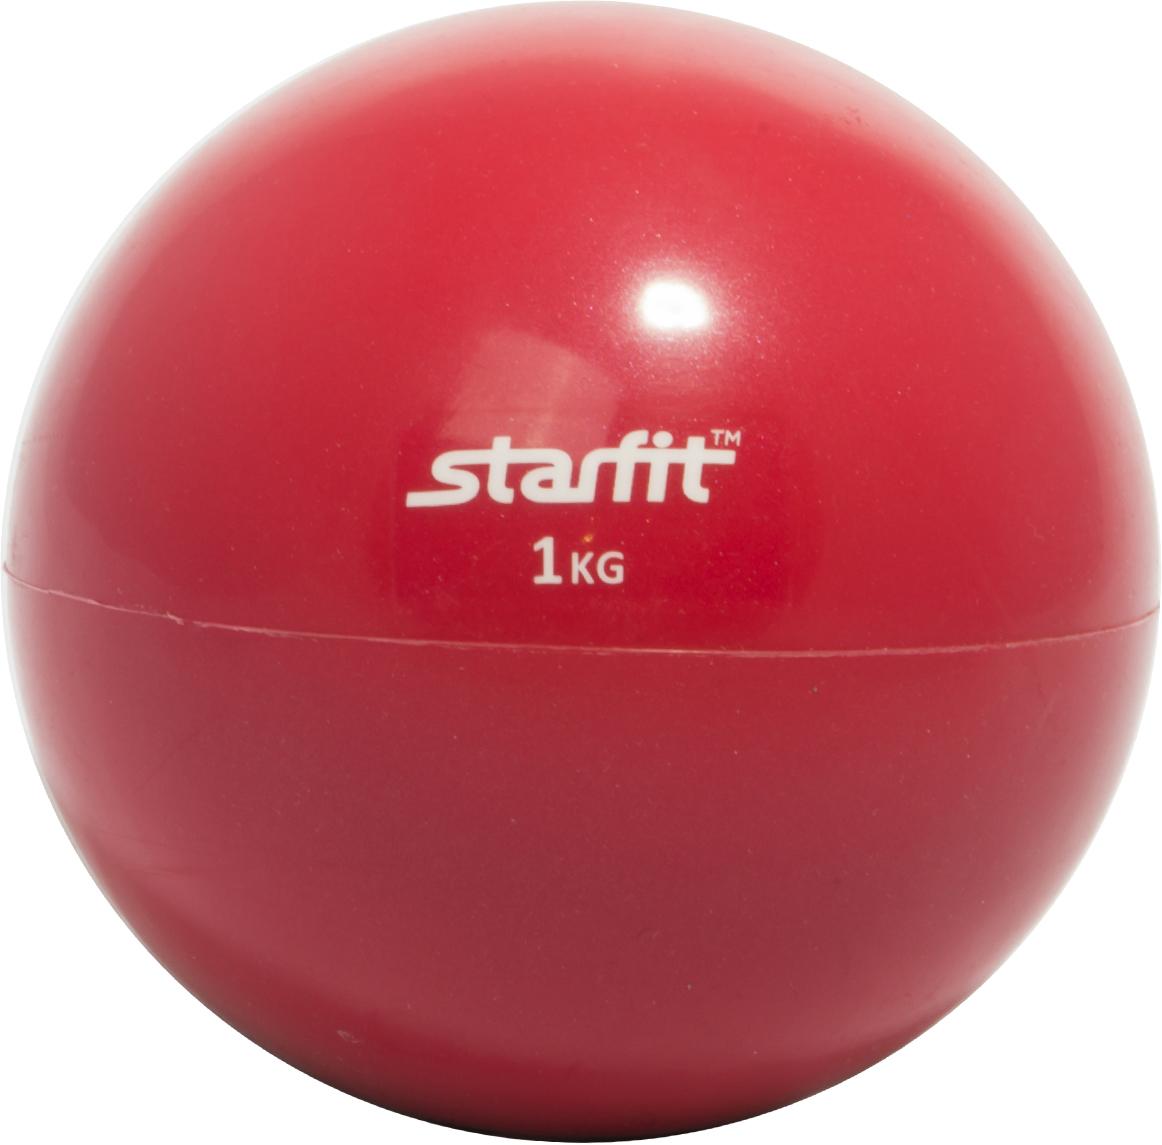 Медицинбол Starfit GB-703, цвет: красный, 1 кгУТ-00008272Медицинбол GB-703 -это качественная модель Star Fit, которую используют и профессиональные спортсмены и любители. Медицинбол Star Fit имеет яркую цветовую гамму, которая никого не оставит равнодушным.Важный аксессуар для функциональной тренировки тела. Его используют в групповых программах, функциональном тренинге, бодибилдинге, фитнесе и пилатесе. Помогает в тренировке мышц пресса, мышц рук, грудной клетки, спины, плеч, ног и ягодиц. Его применяют для разнообразия и новизны в тренировках, что позволяет с помощью него провести полноценную тренировку для всего организма. Характеристики:Материал: ПВХНаполнитель: песокВес, кг: 1Цвет: красныйКоличество в упаковке, шт: 1Производство: КНР